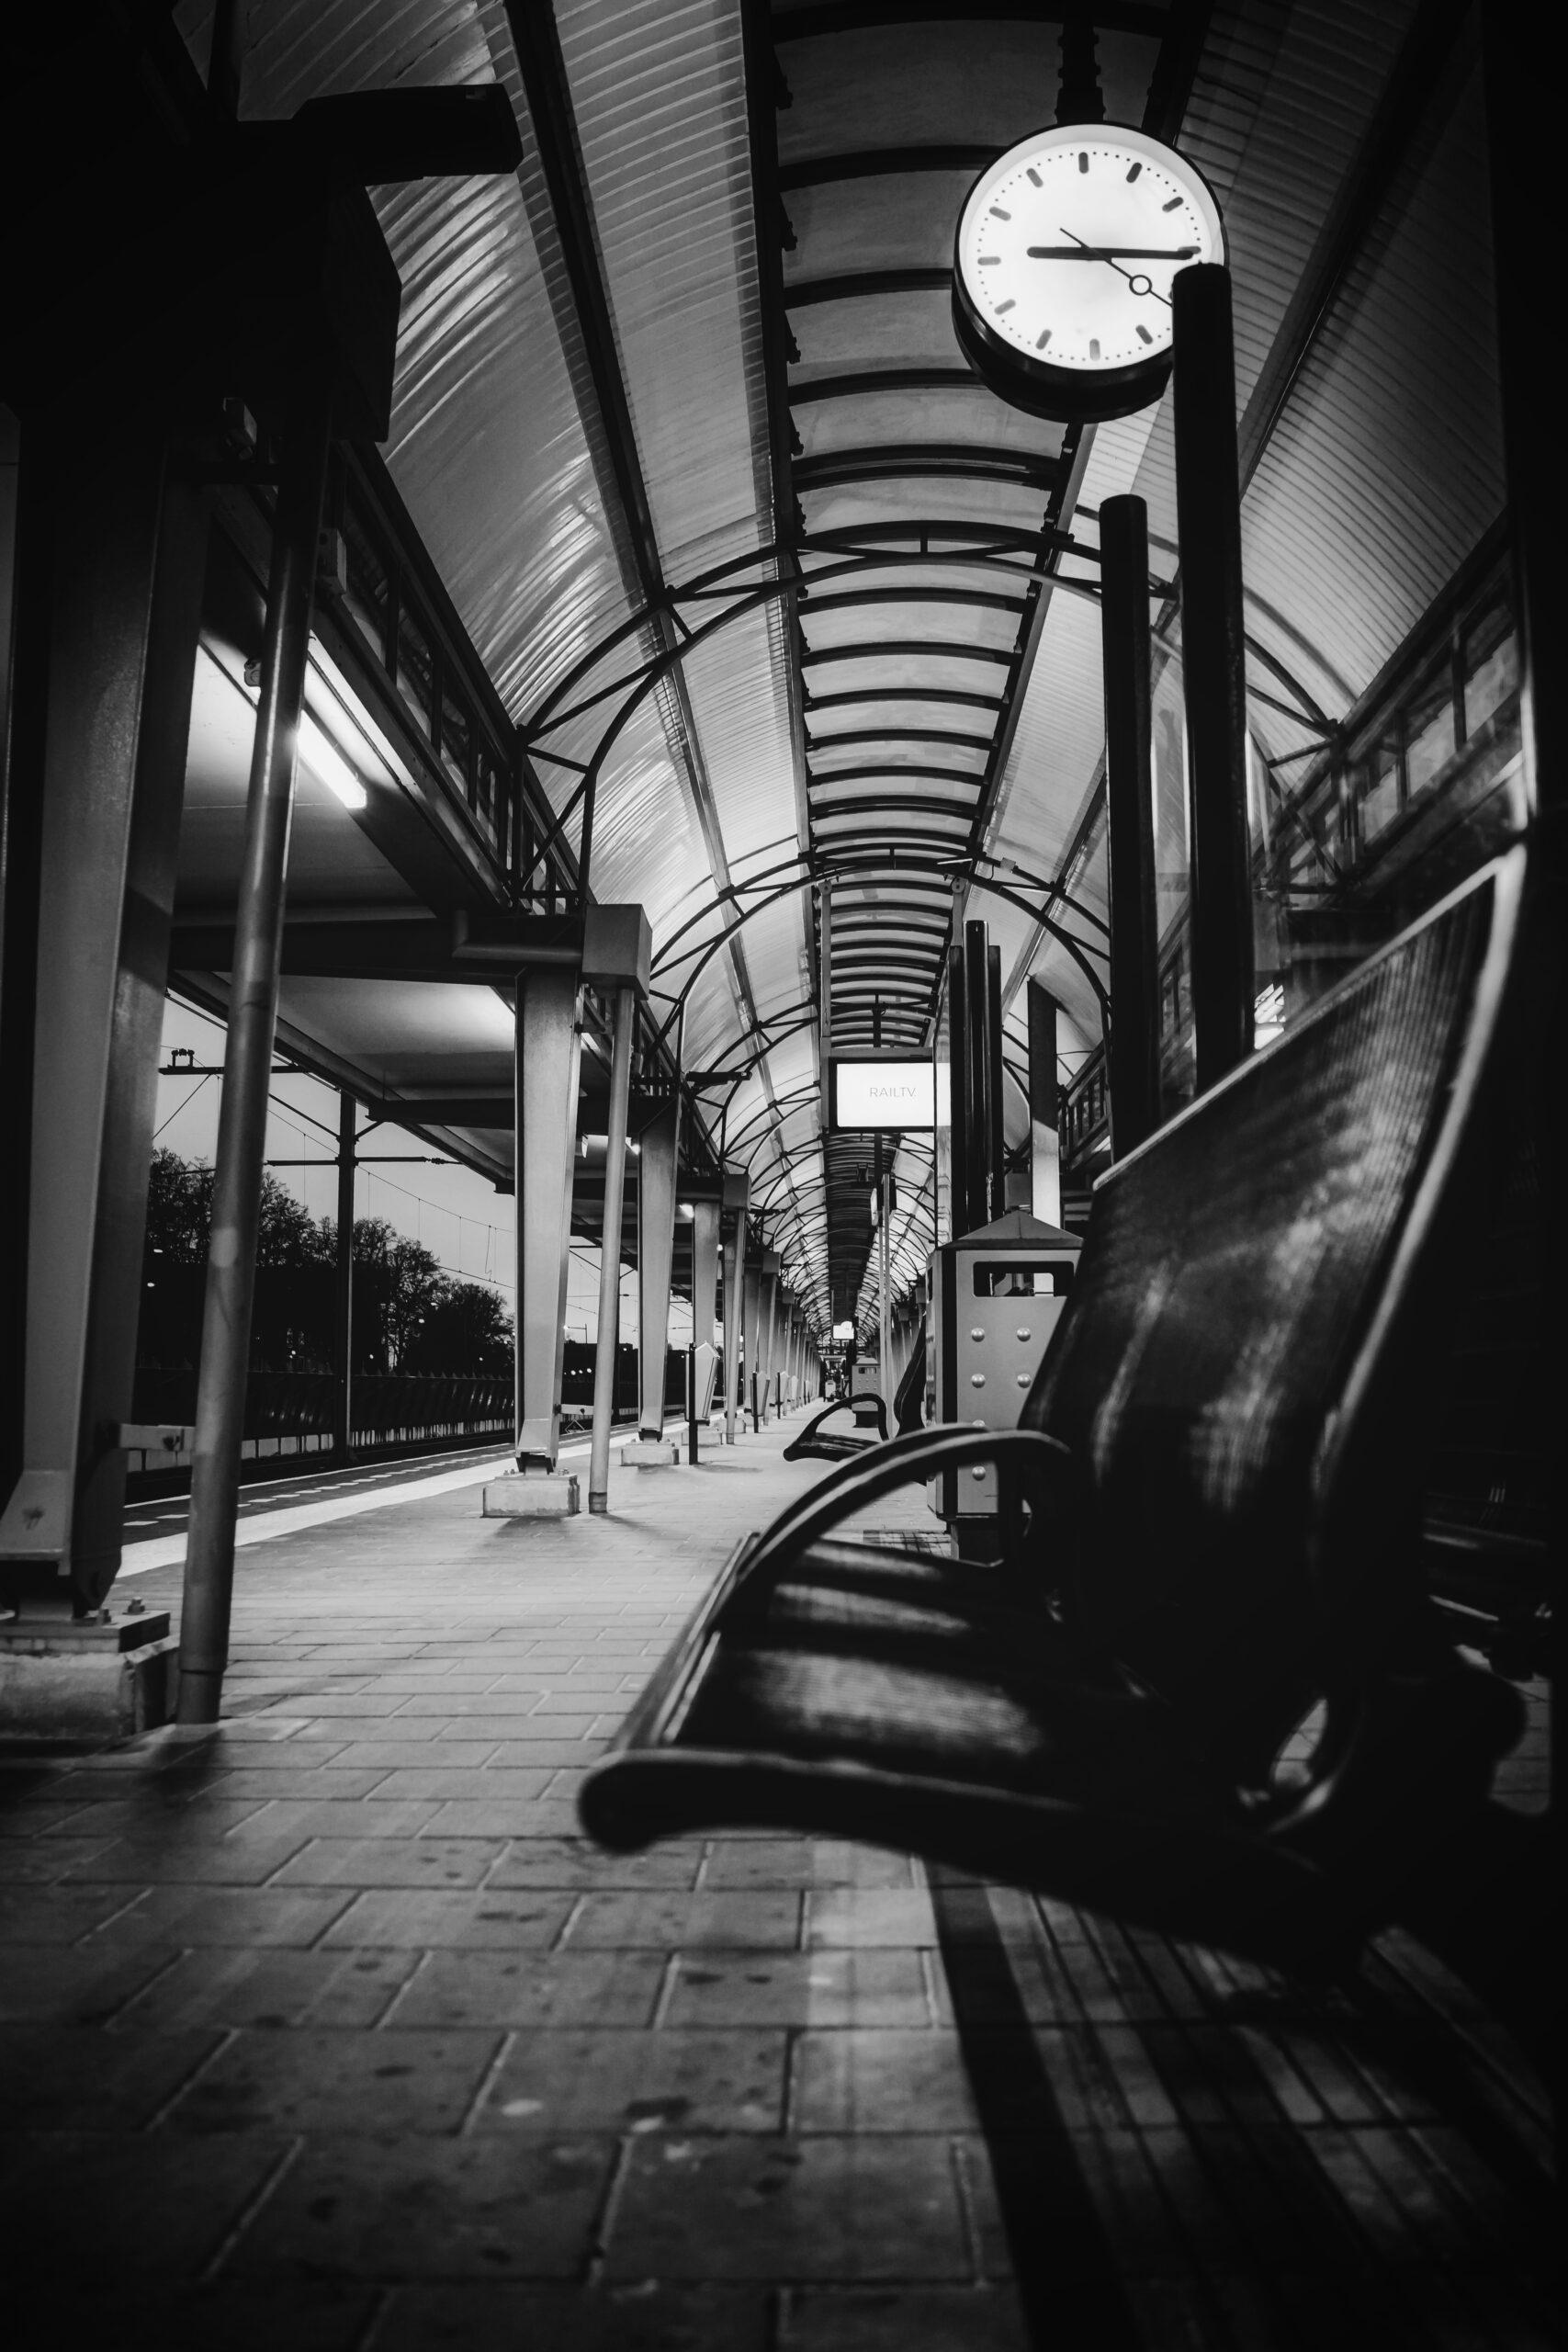 abandoned trainstation